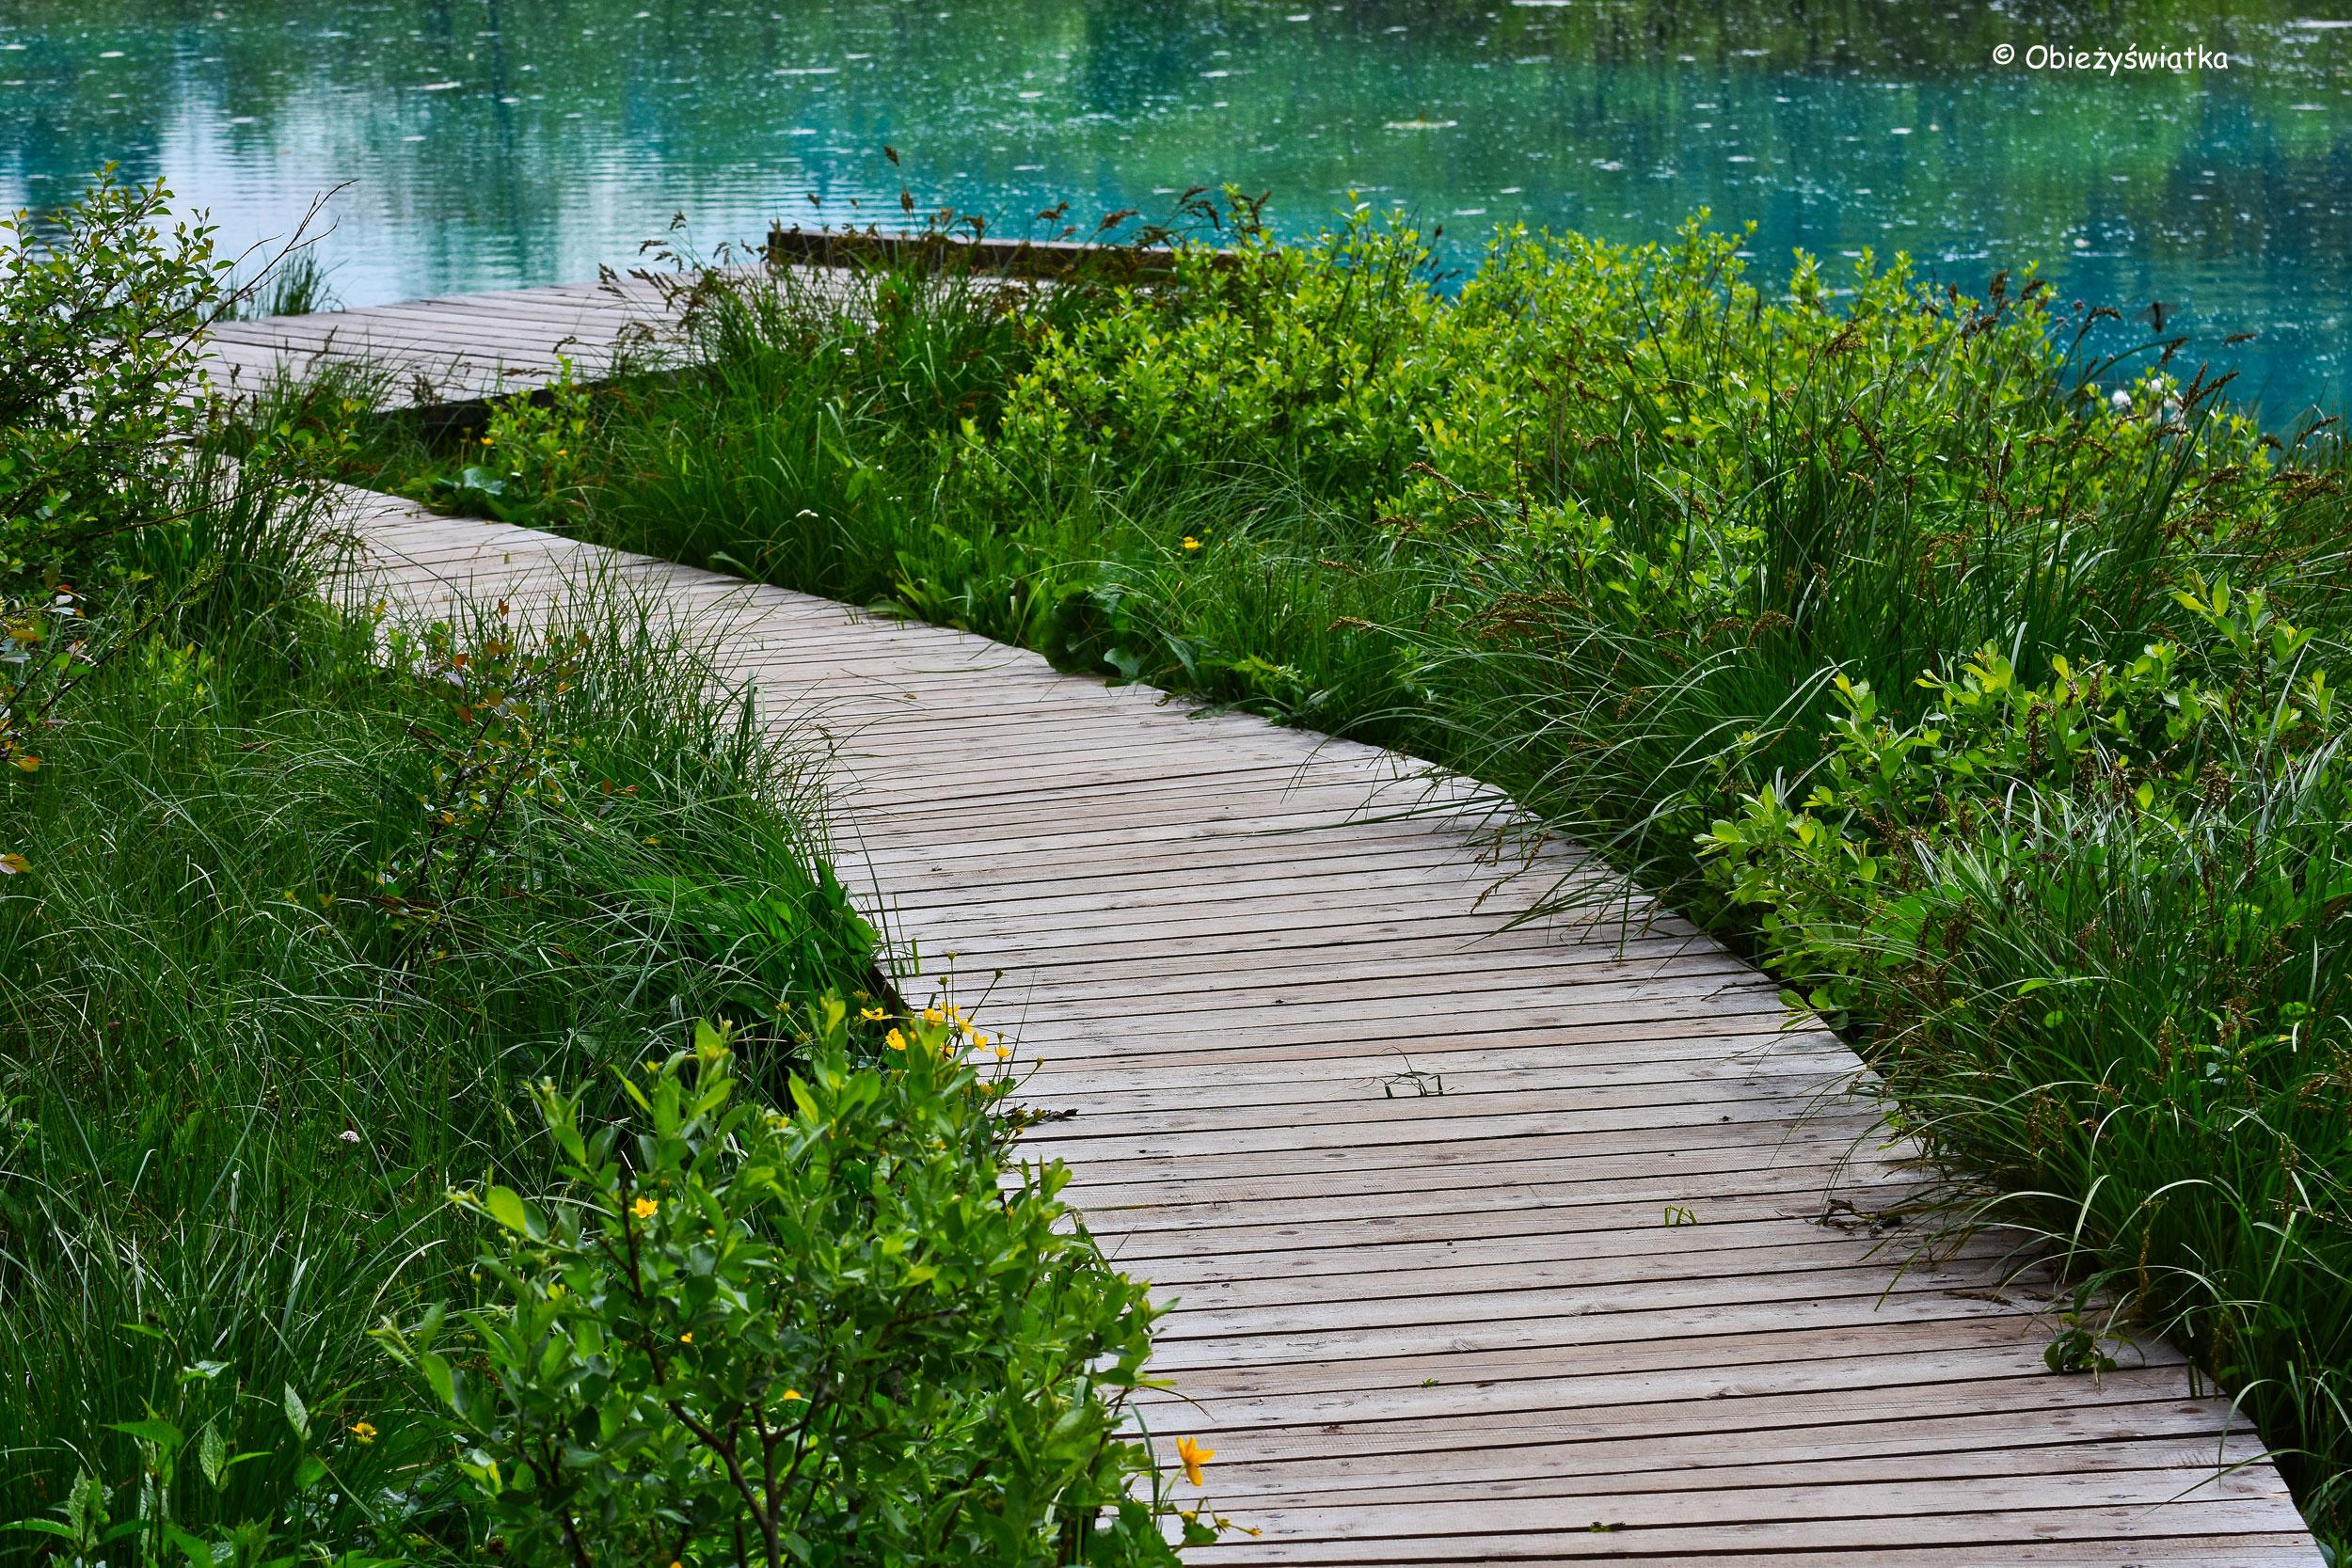 Kładka nad Jeziorem Zelenci, Słowenia